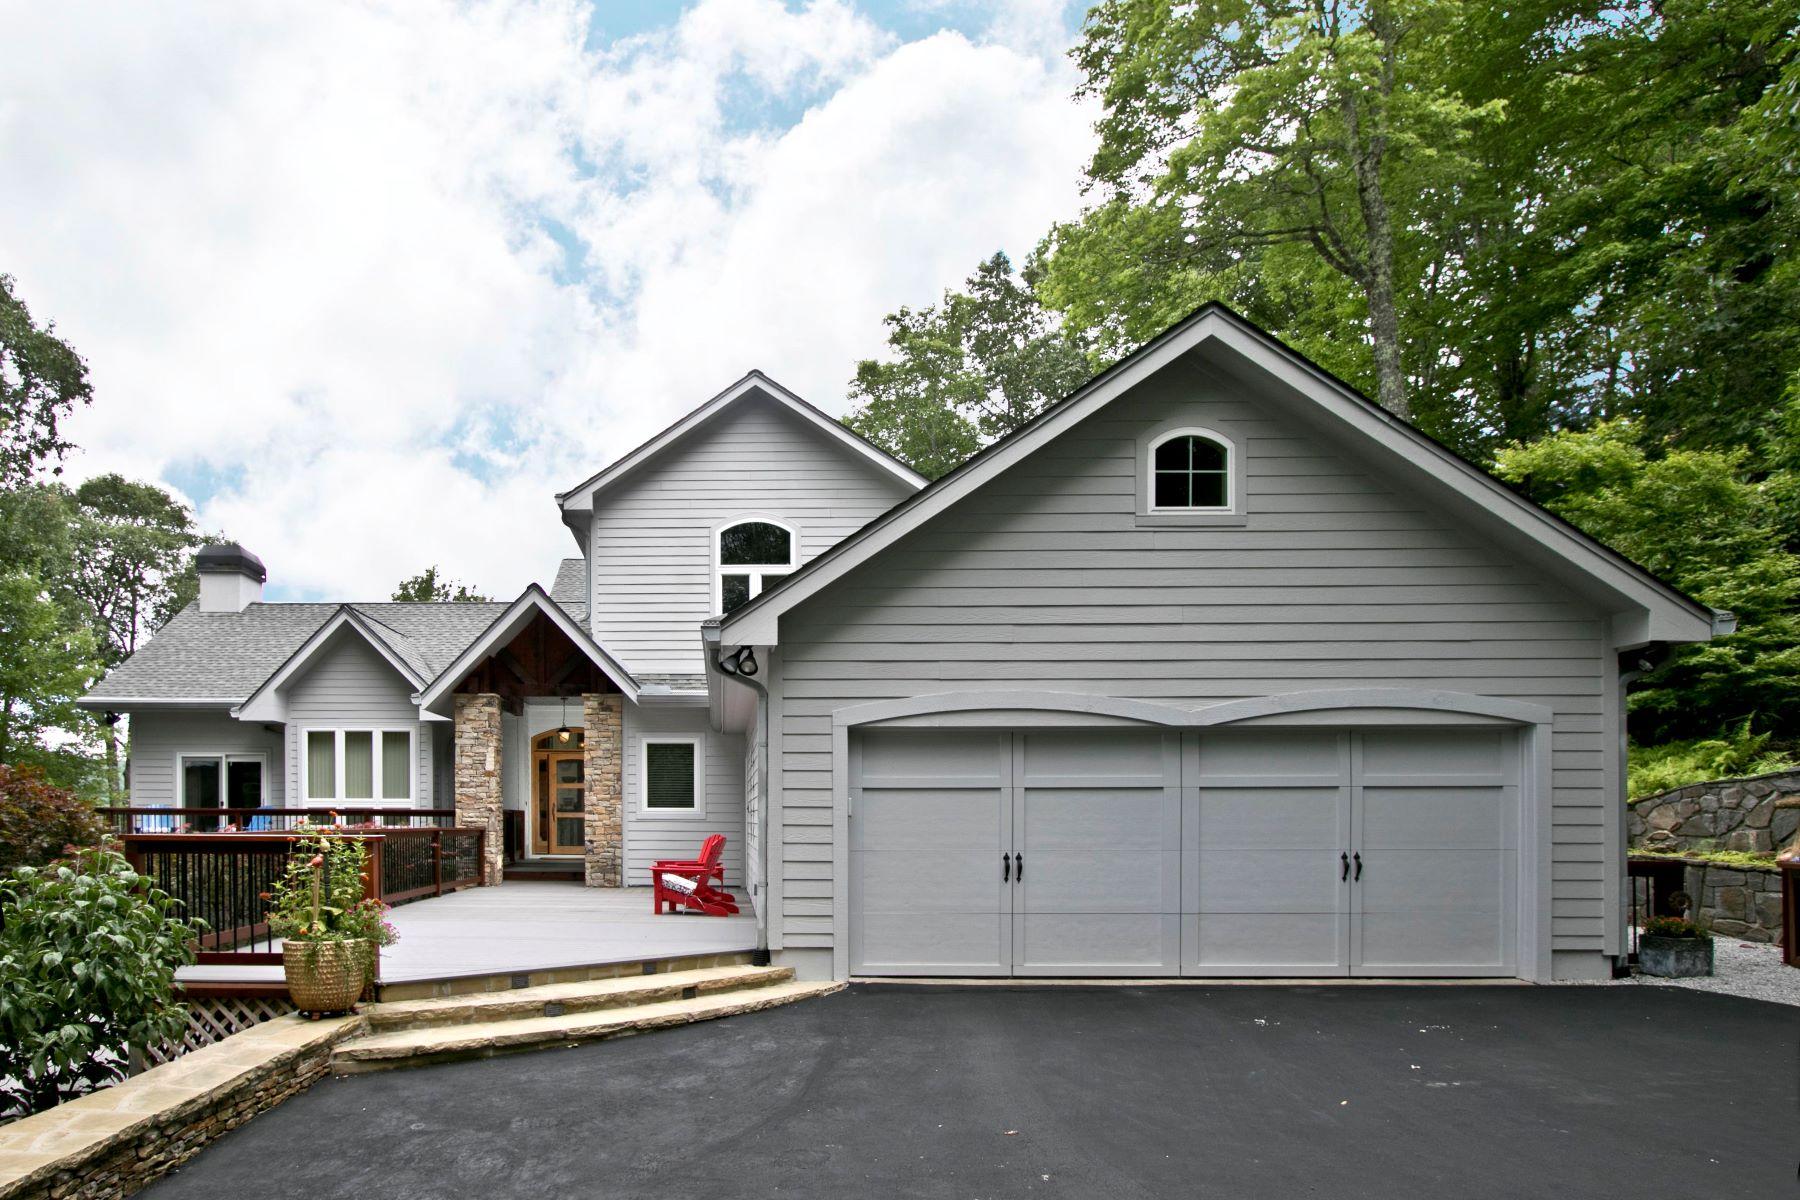 Maison unifamiliale pour l Vente à Highlands Falls Country Club 150 West Knoll Drive, Highlands, Carolina Du Nord, 28741 États-Unis